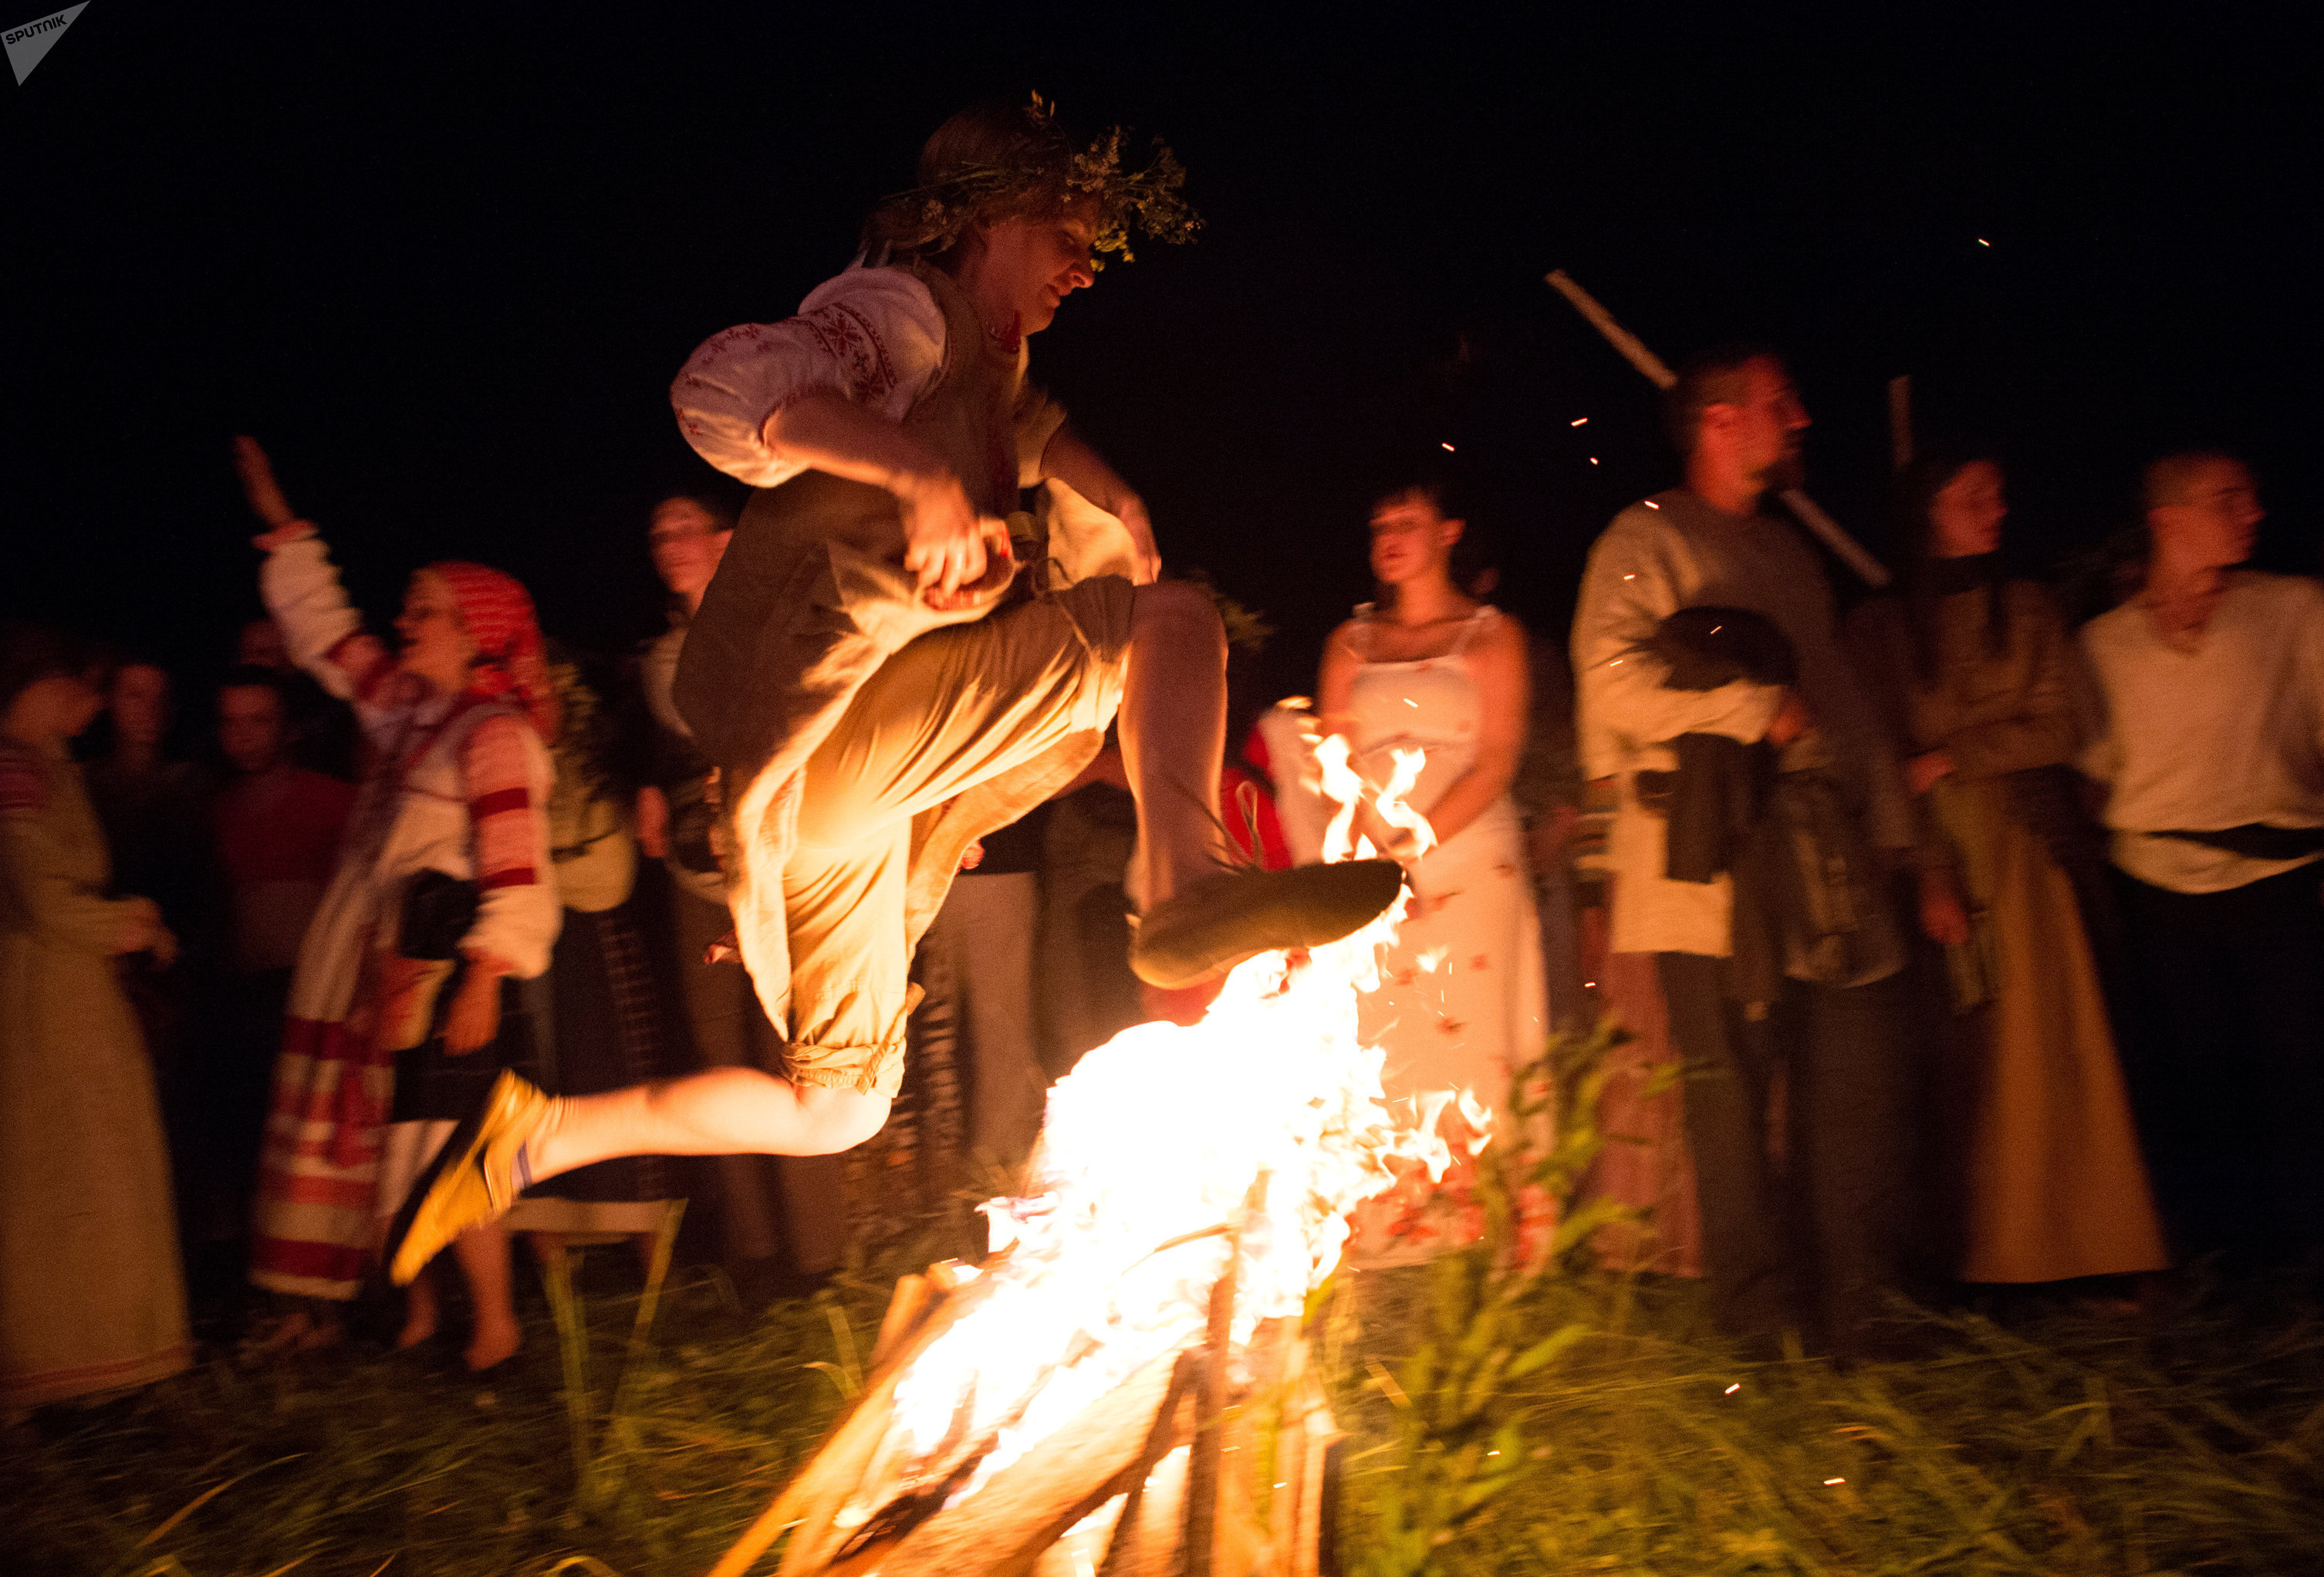 Célébration de la fête païenne de Koupala dans la région de Kalouga